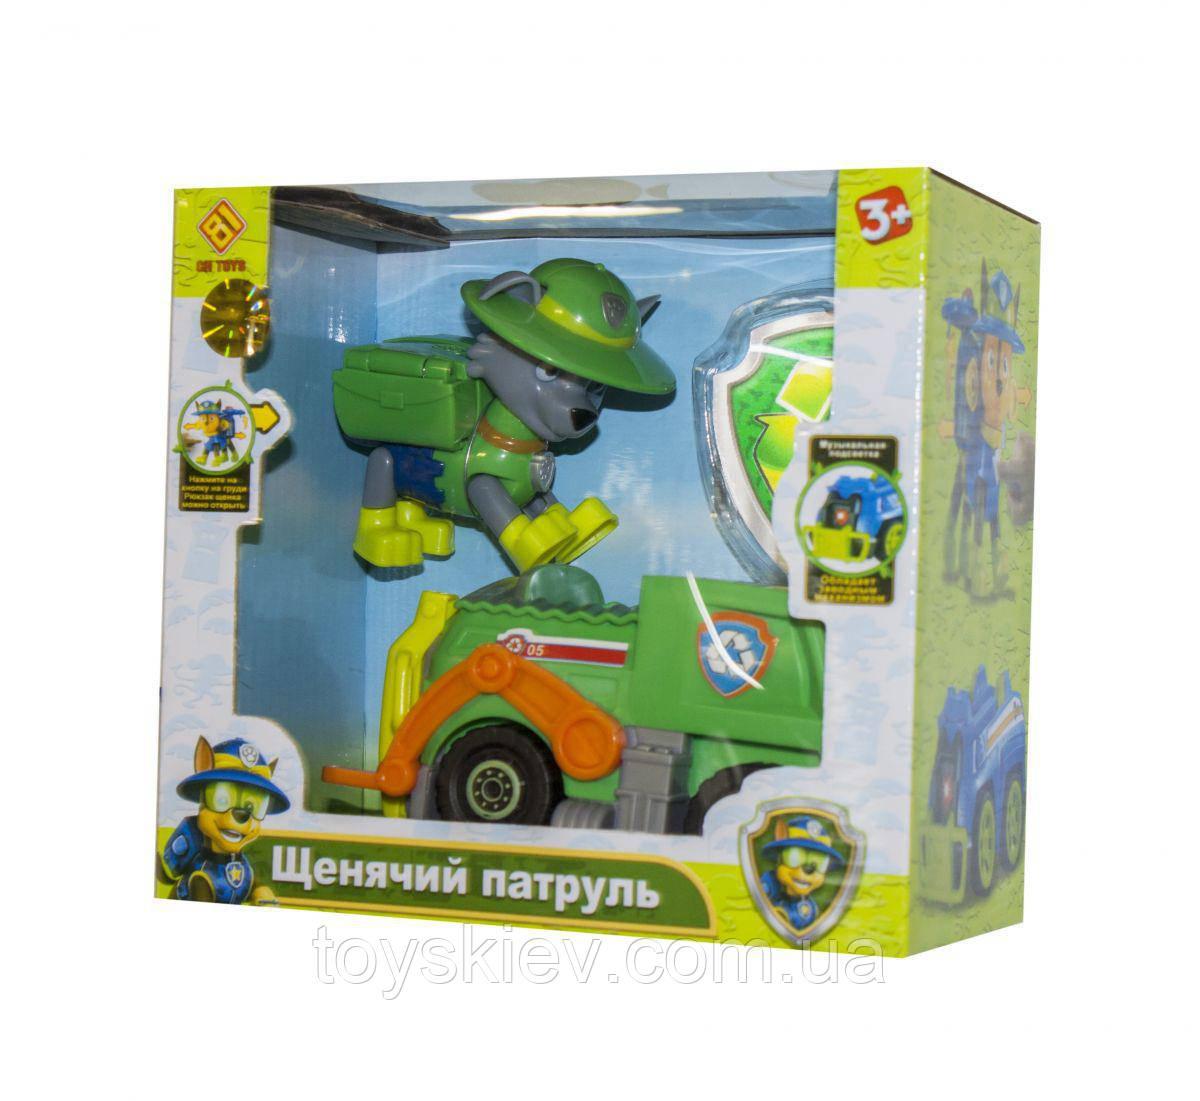 Герой с машиной Щенячий патруль зеленный Рокки, звук, свет, значек, лапки подвижные, CH-701 B